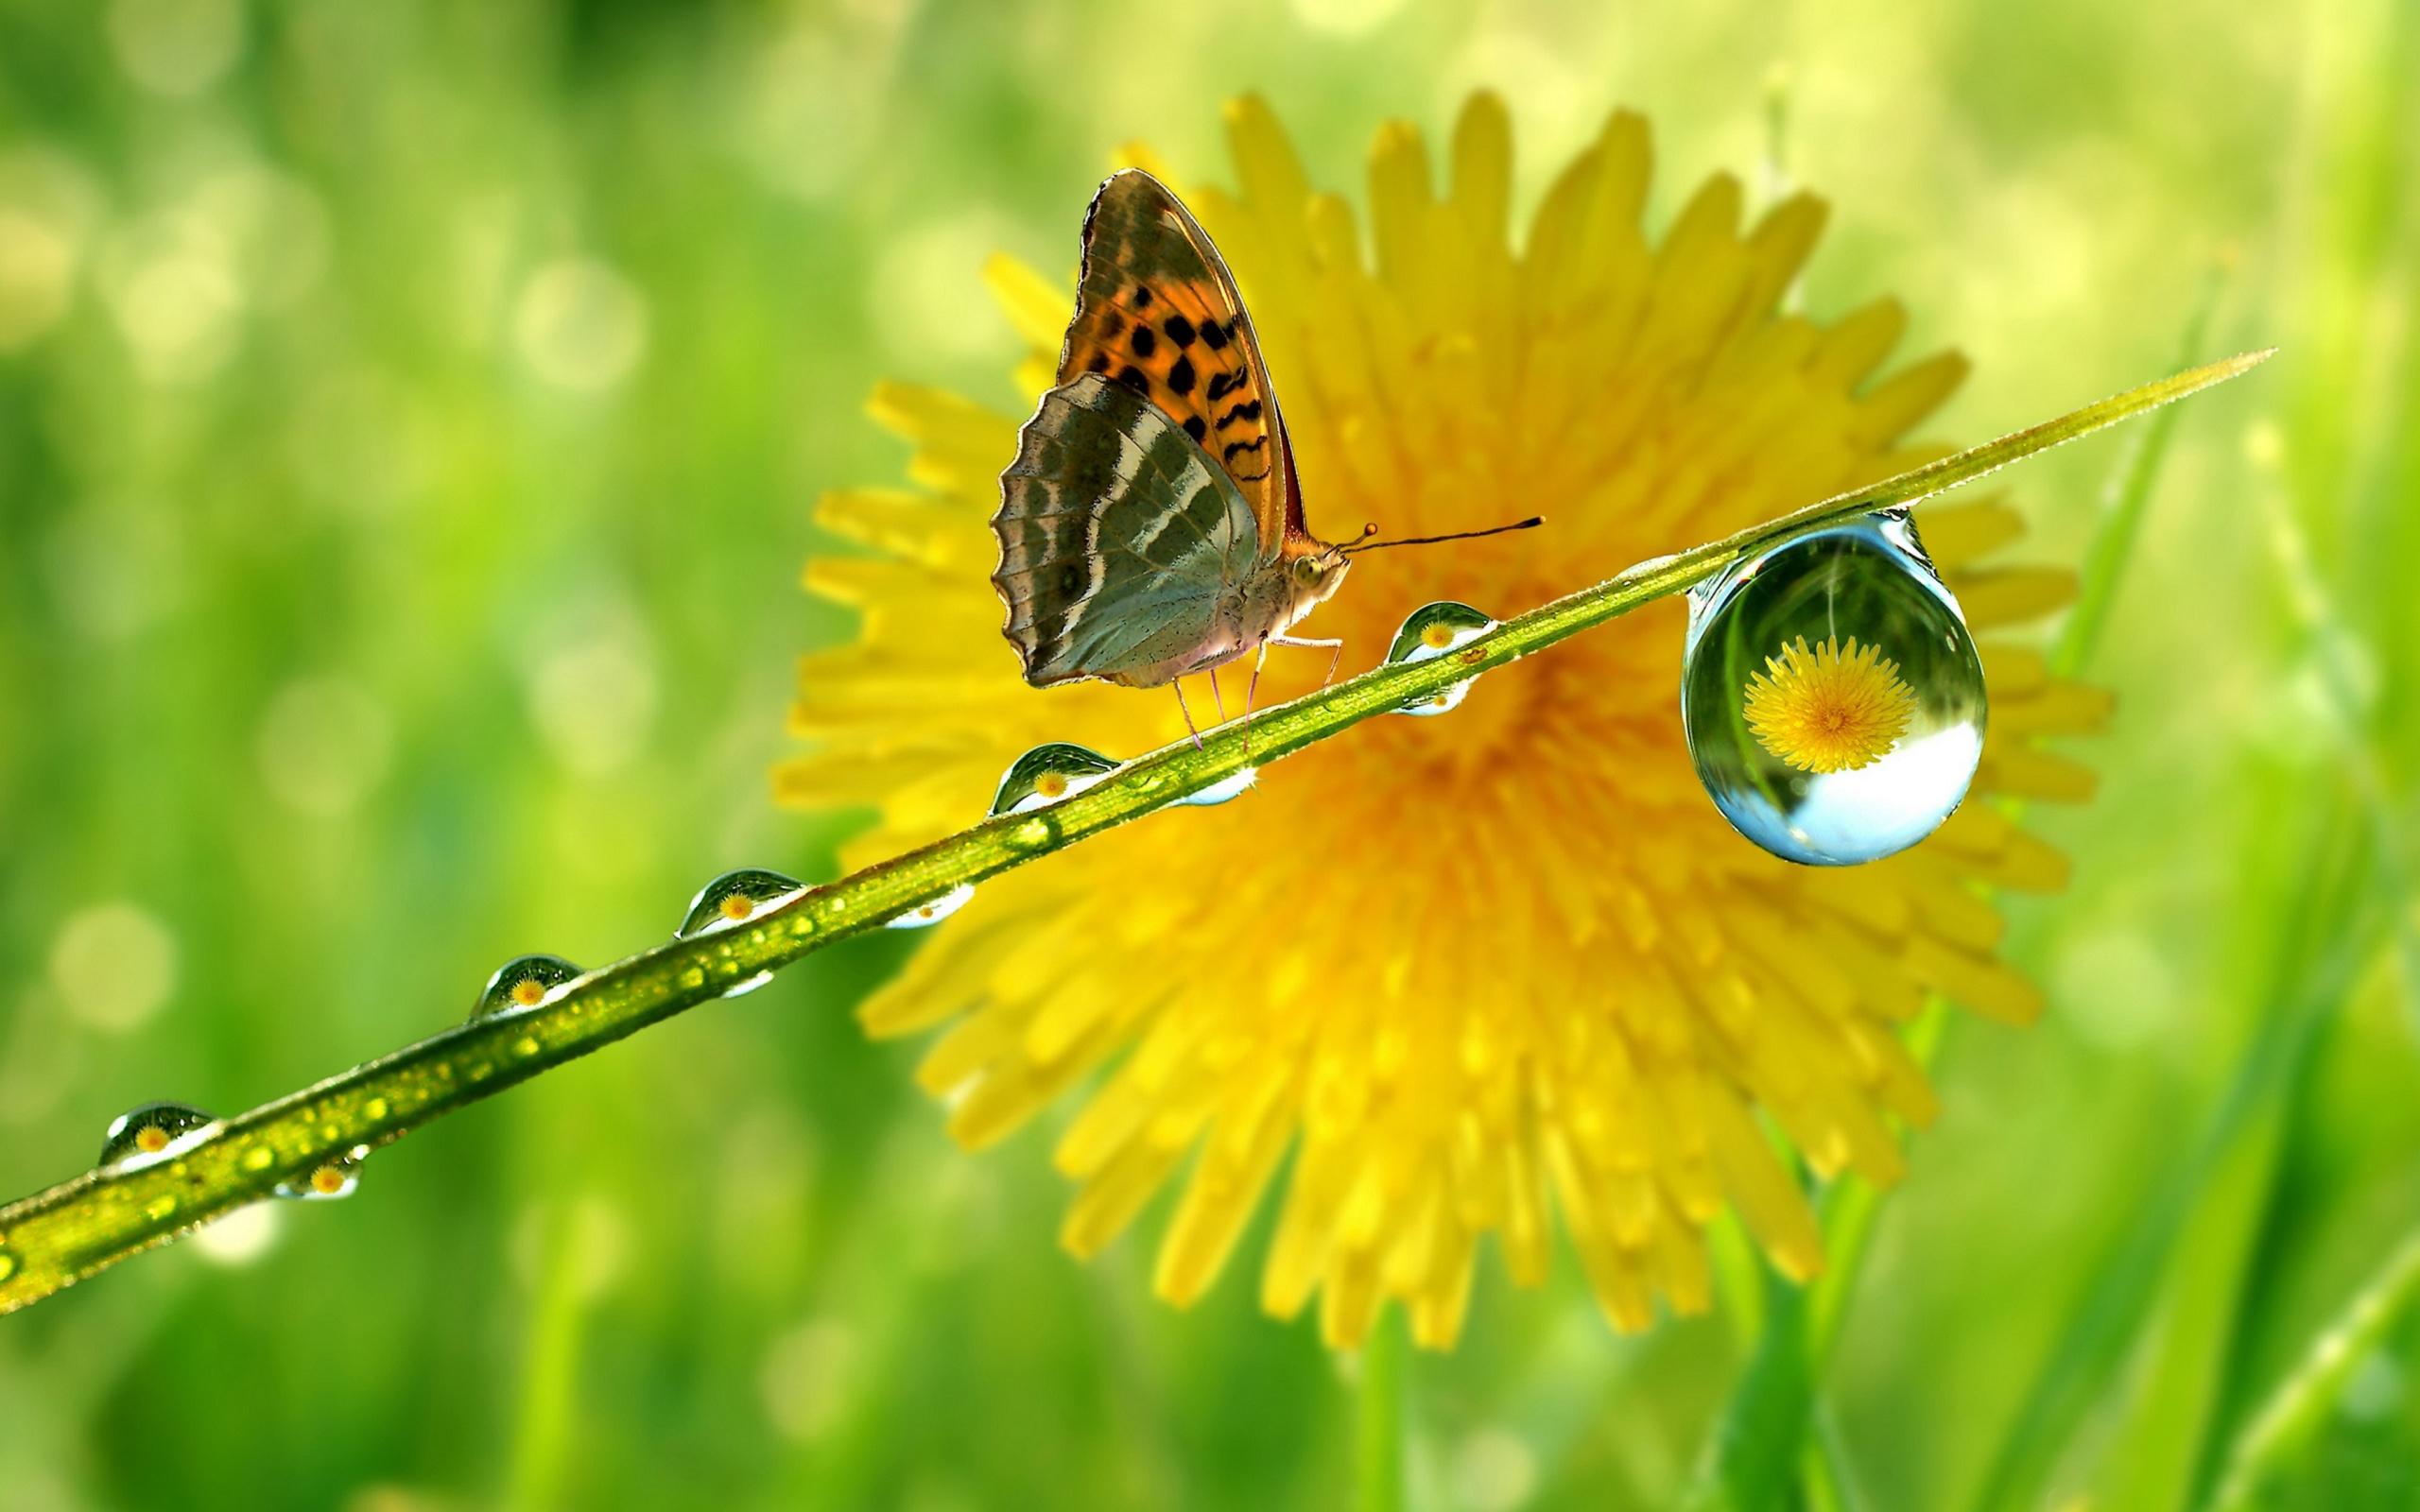 природа макро насекомое бабочка цветы загрузить